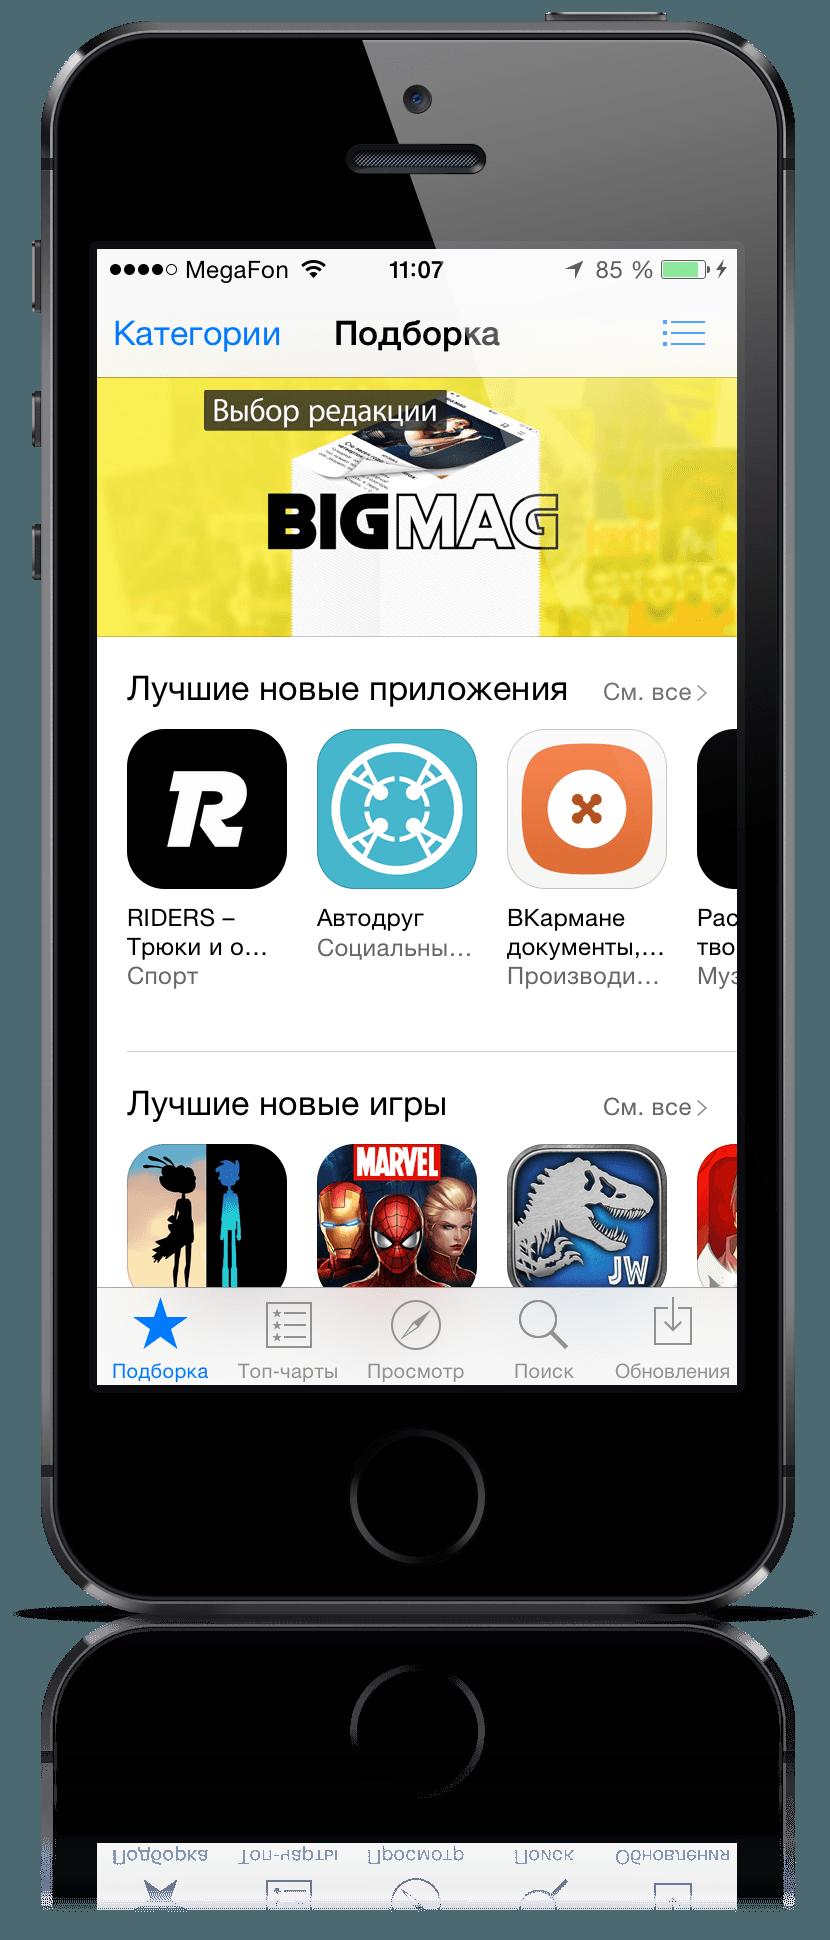 avtodrug-luchshee-besplatnoe-prilozhenie-dlya-parkovki-po-versii-app-store-------